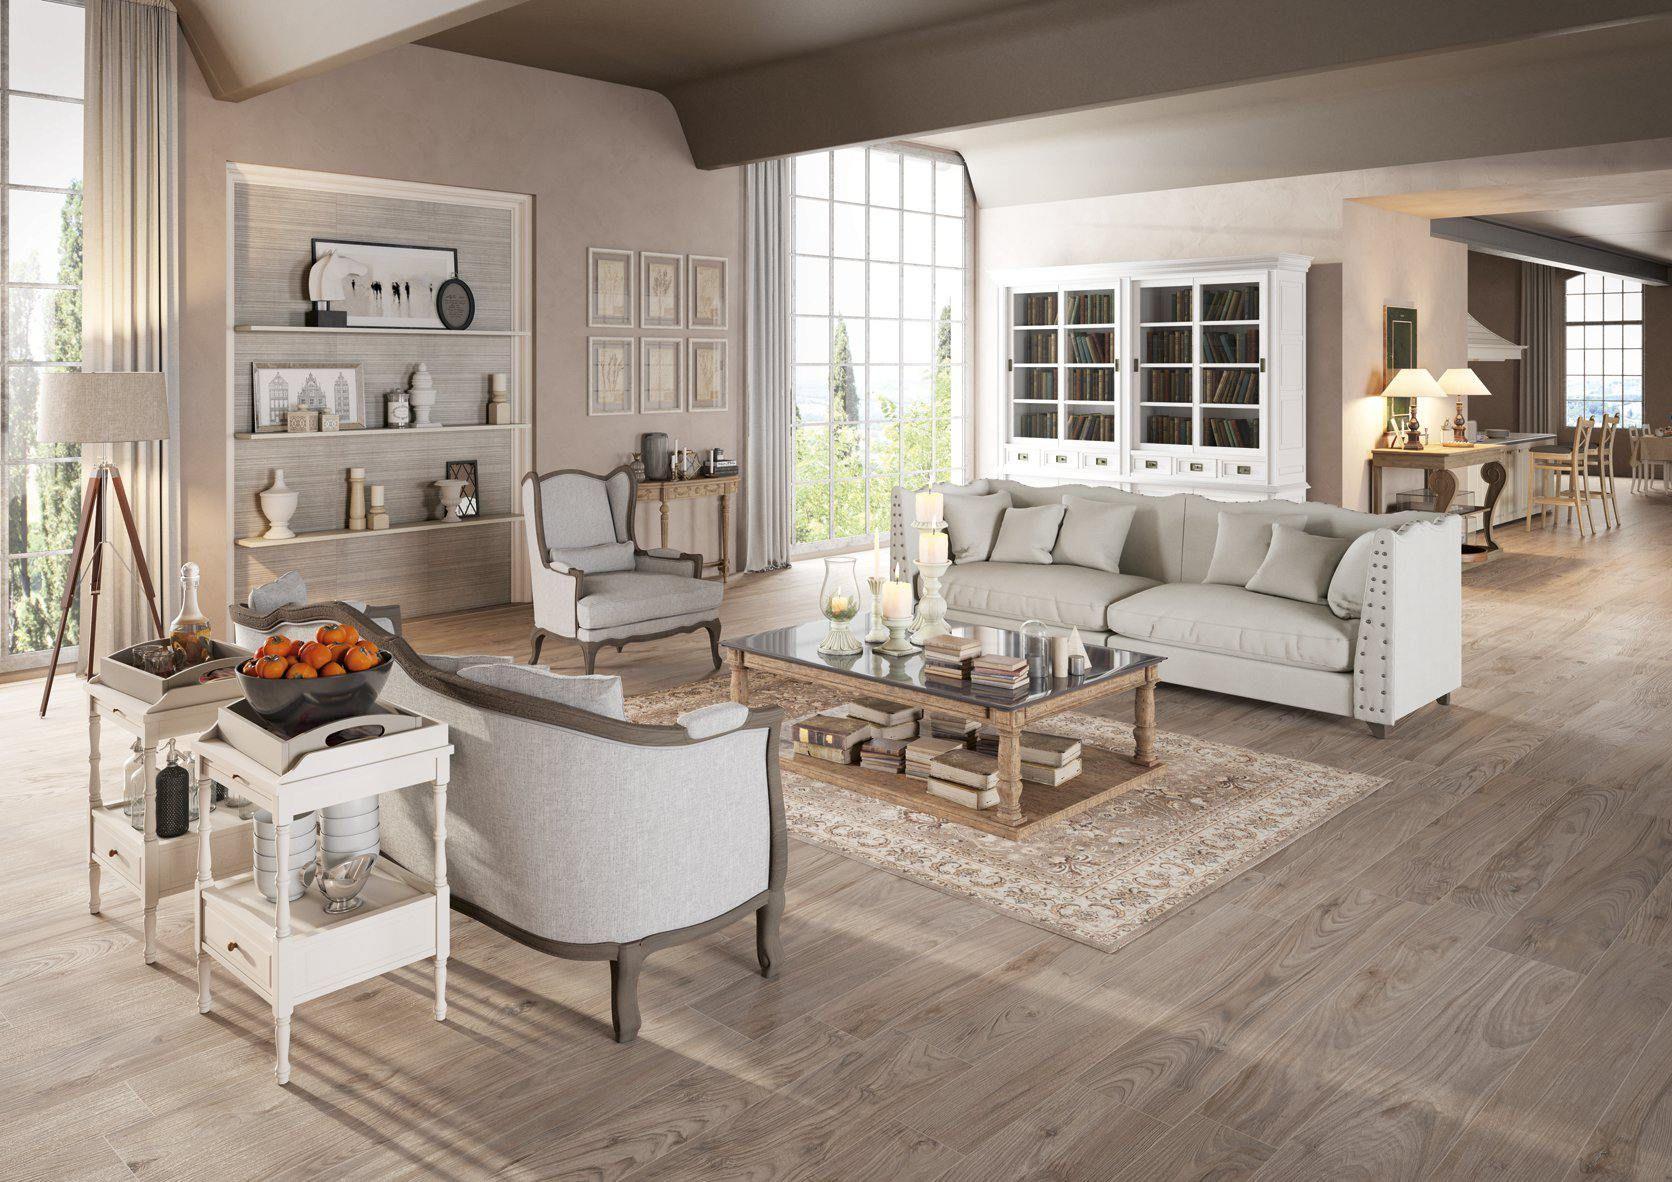 Arredare casa mobili stile country falegnameria frad for Casa di mobili